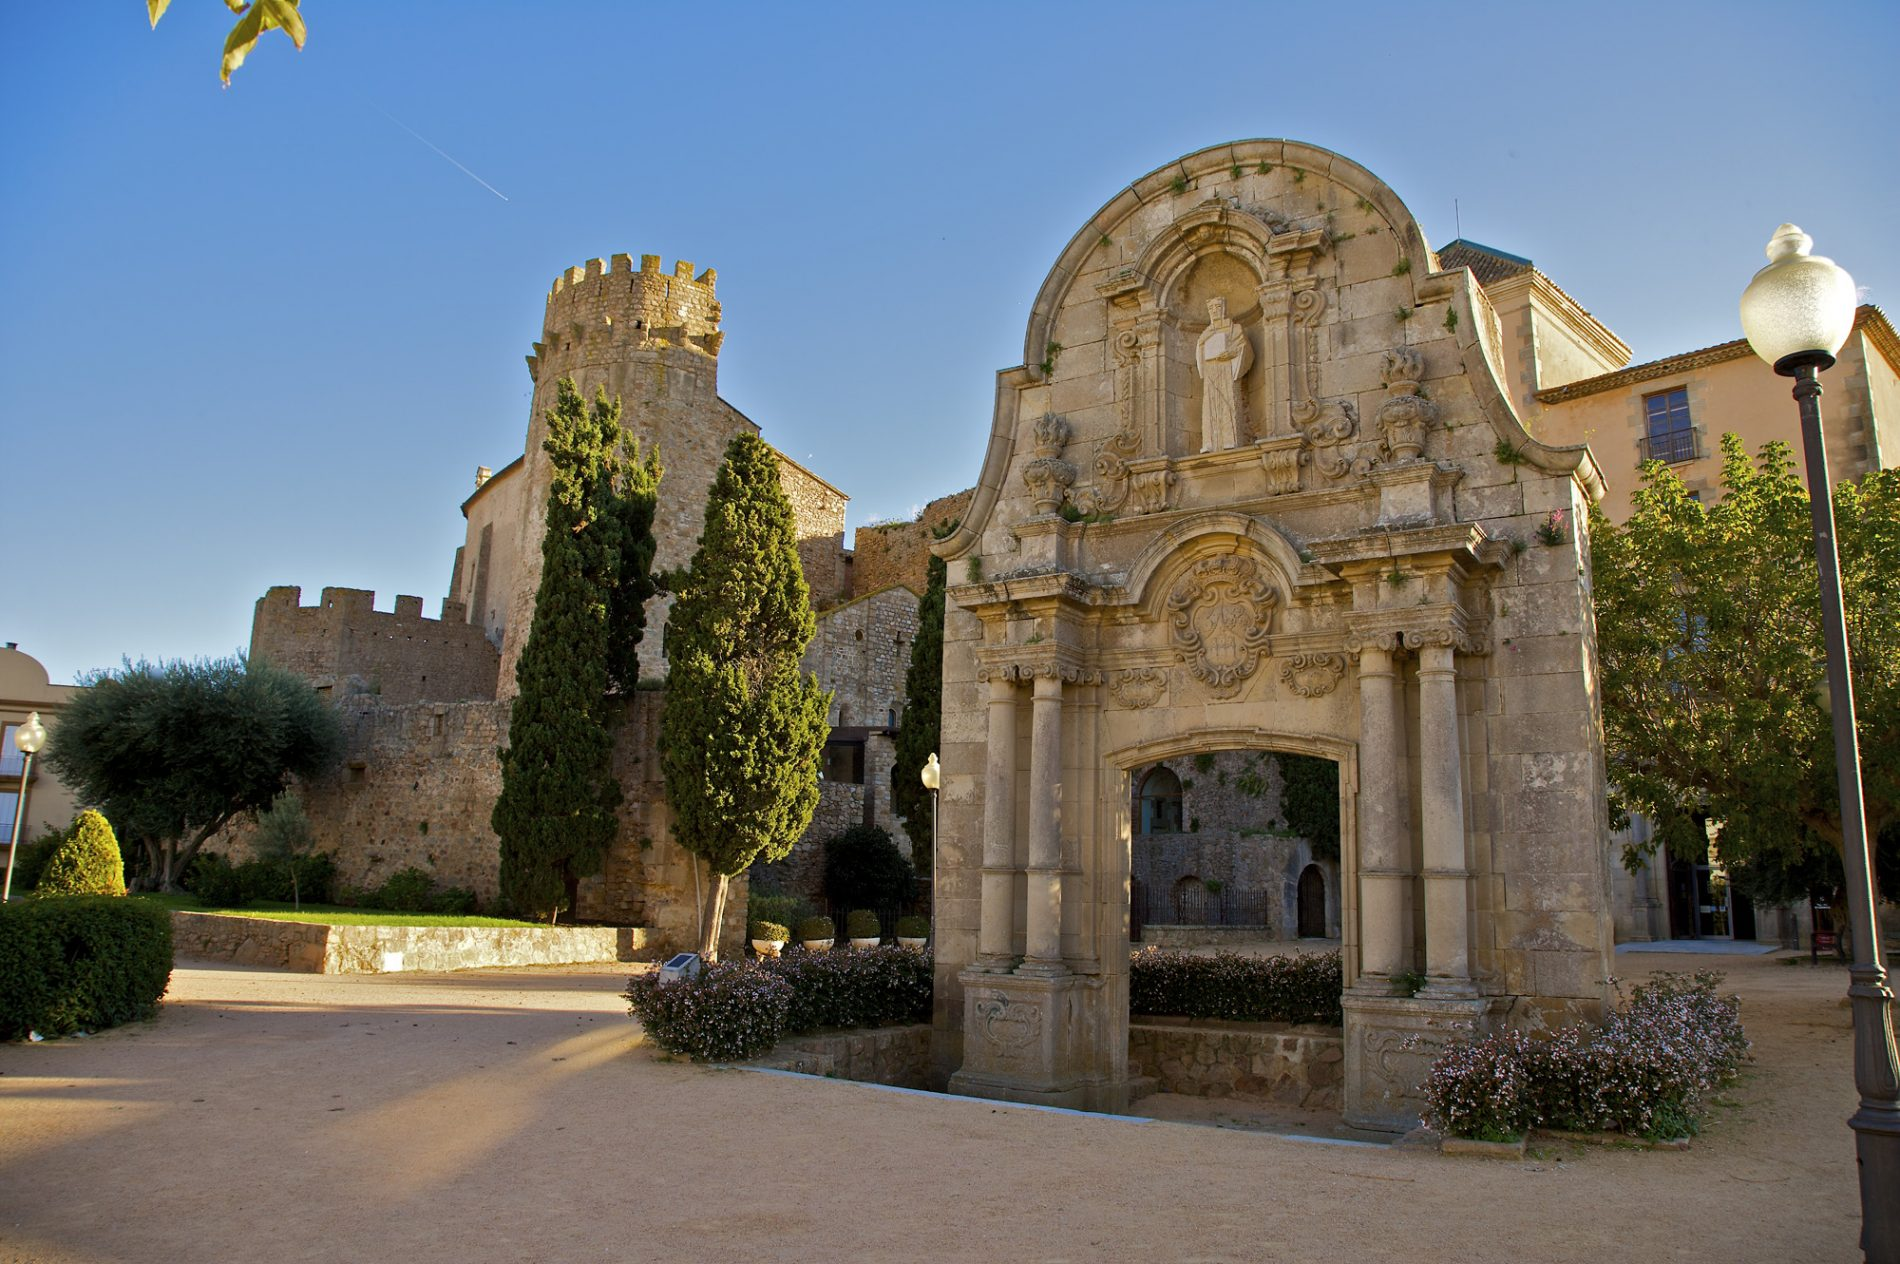 Ajuntament de Sant Feliu de Guíxols